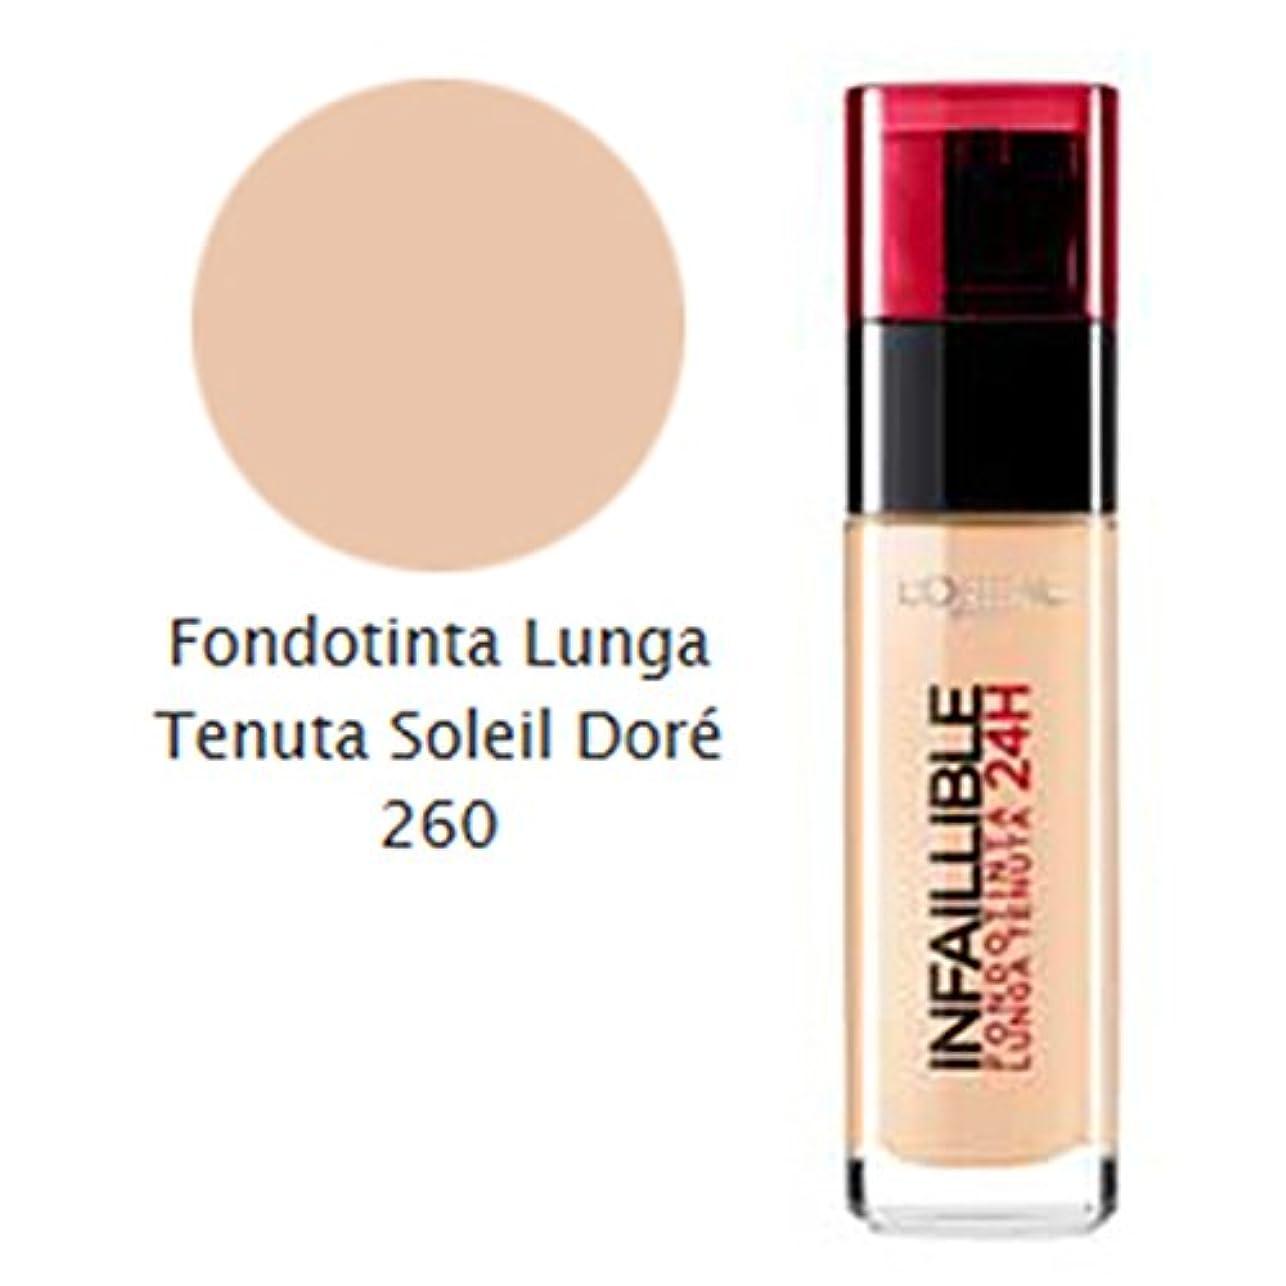 を通して高さパスタL'OREAL Foundation Infaillible 24H 260 Soleil Dore Verfassung Und Kosmetik